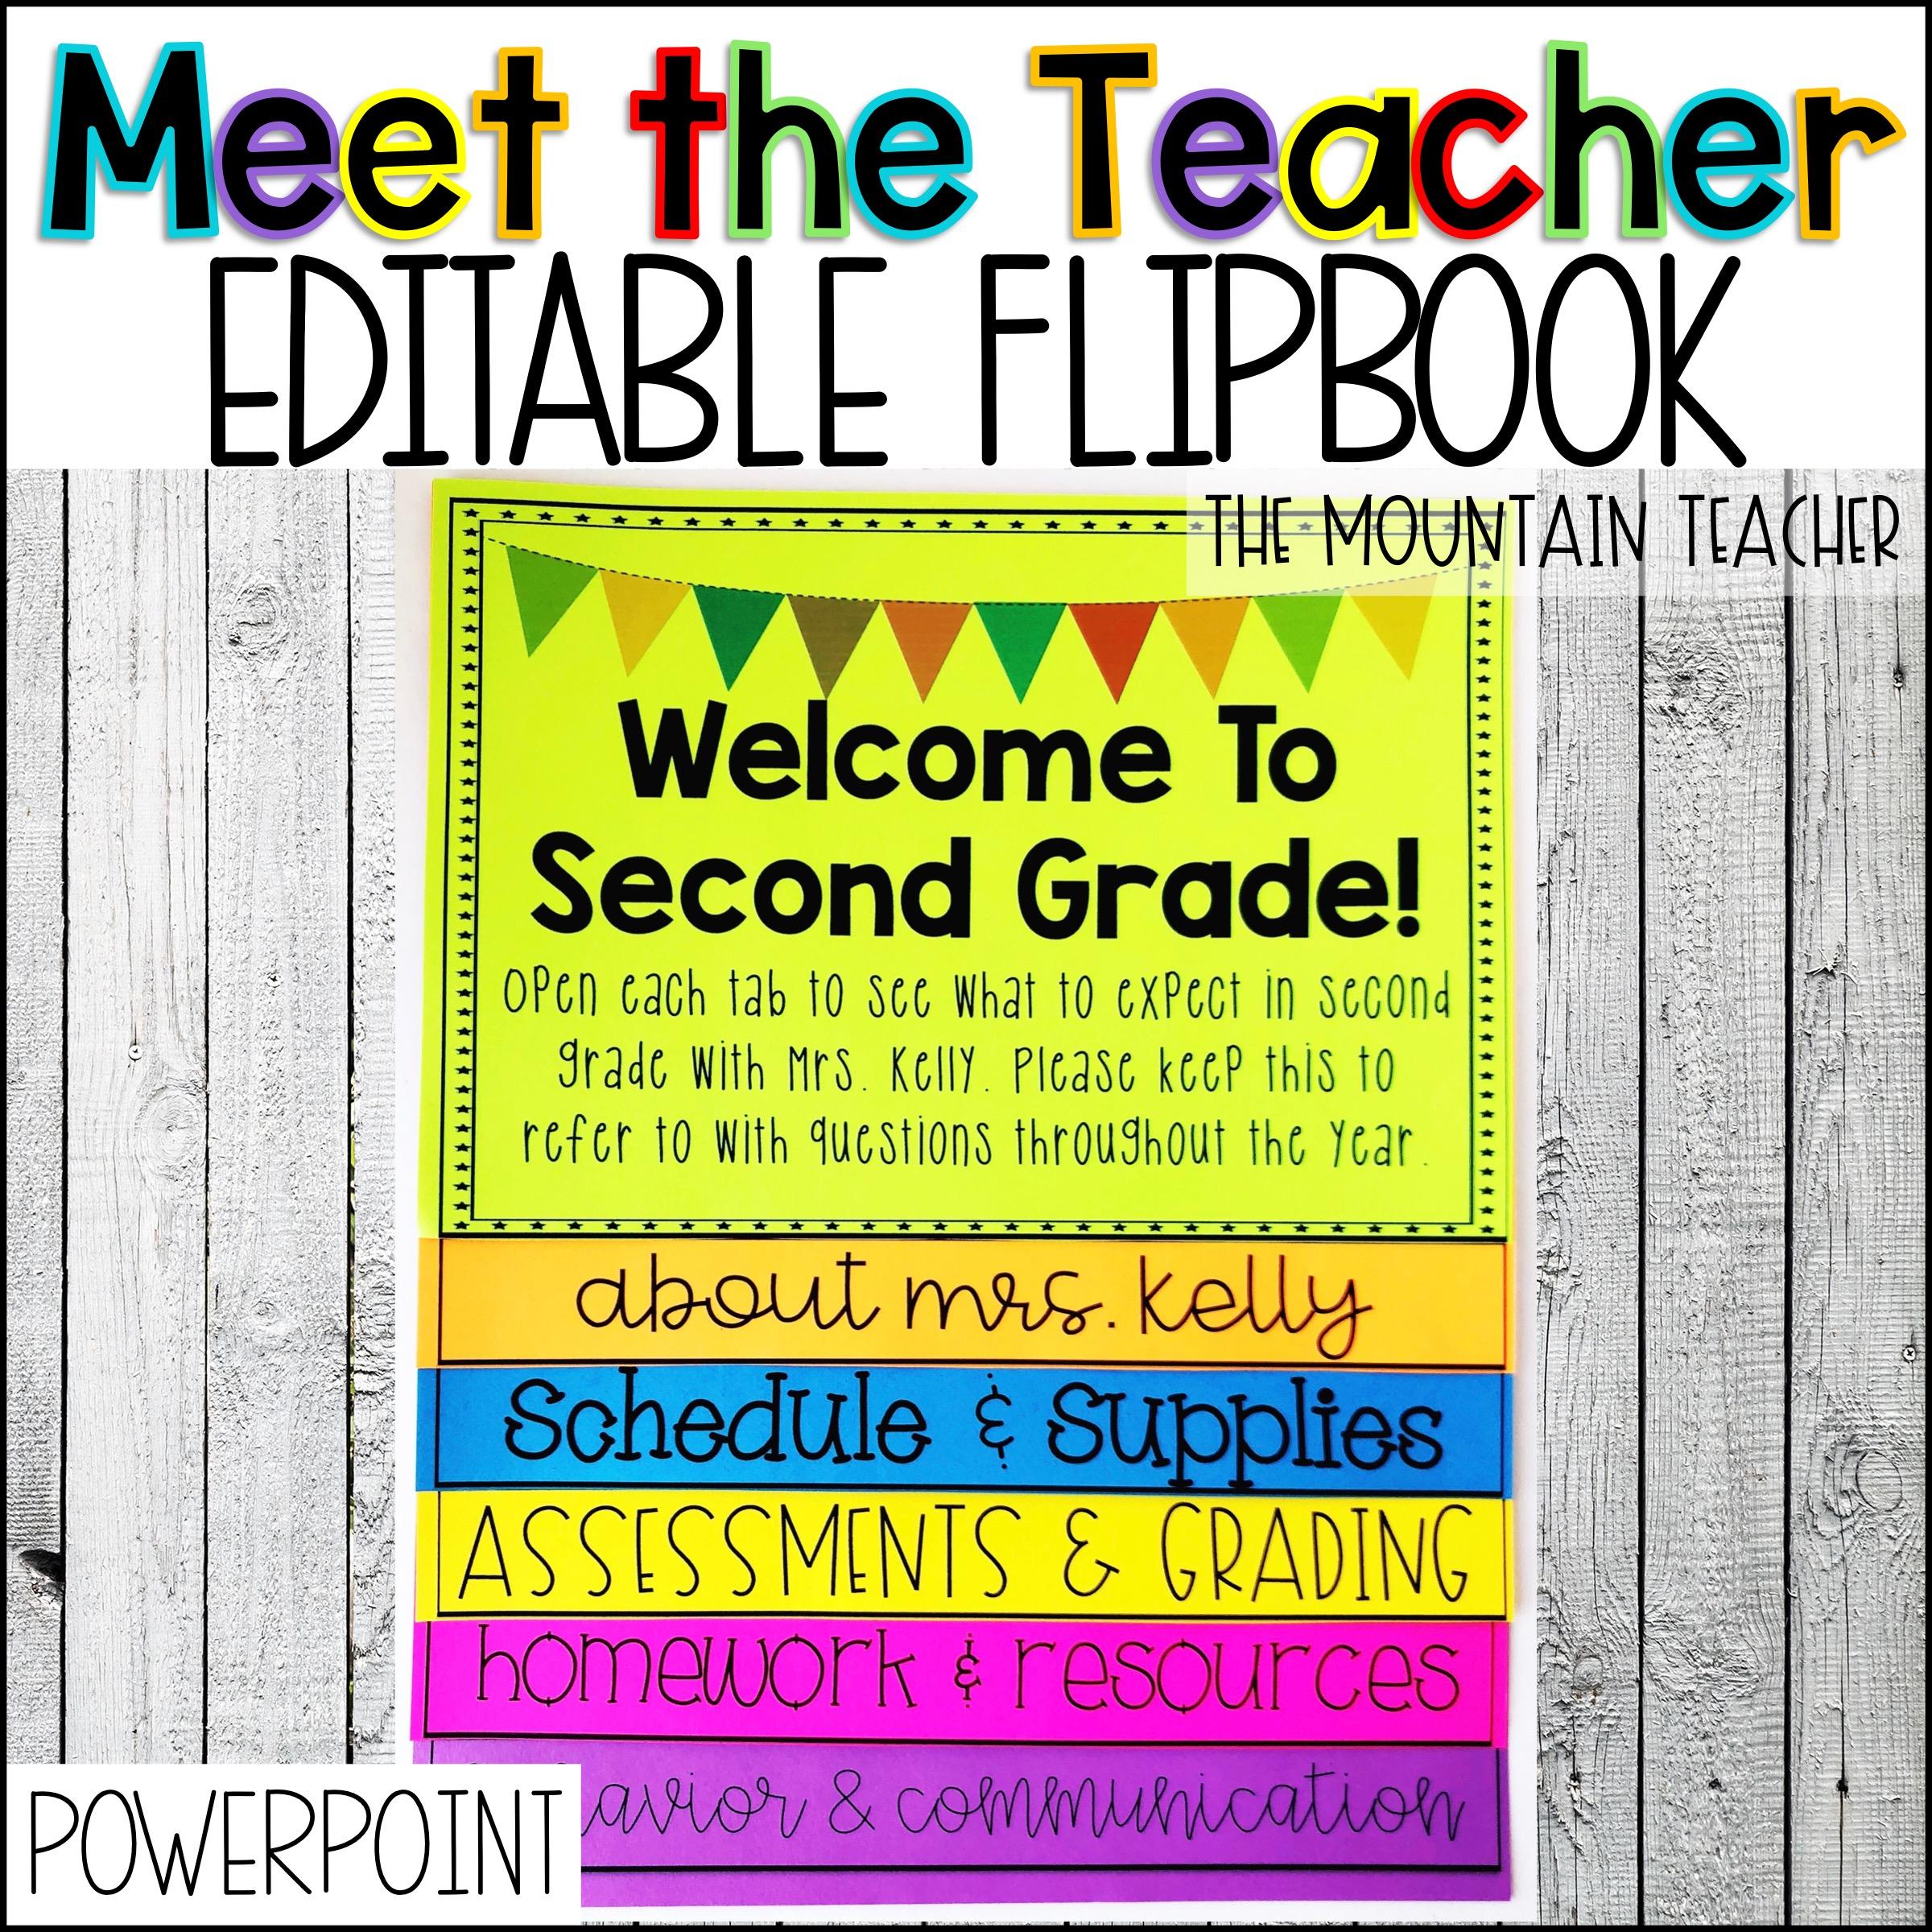 Back to School Meet the Teacher Flip Book by The Mountain Teacher